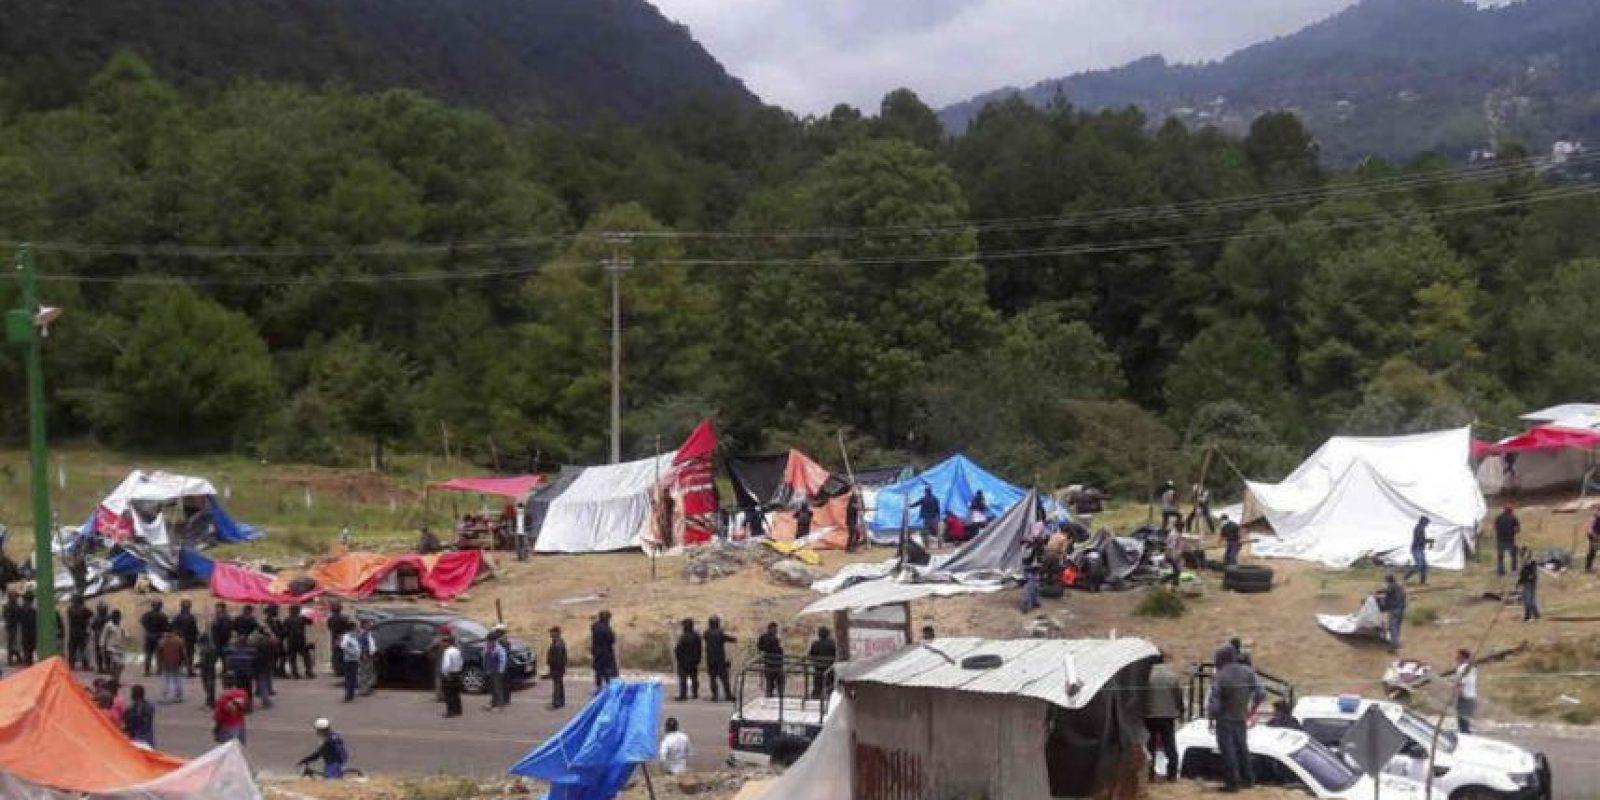 El campamento estaba ubicado sobre la carretera San Cristóbal de las Casas-Tuxtla Gutiérrez Foto:Cuartoscuro